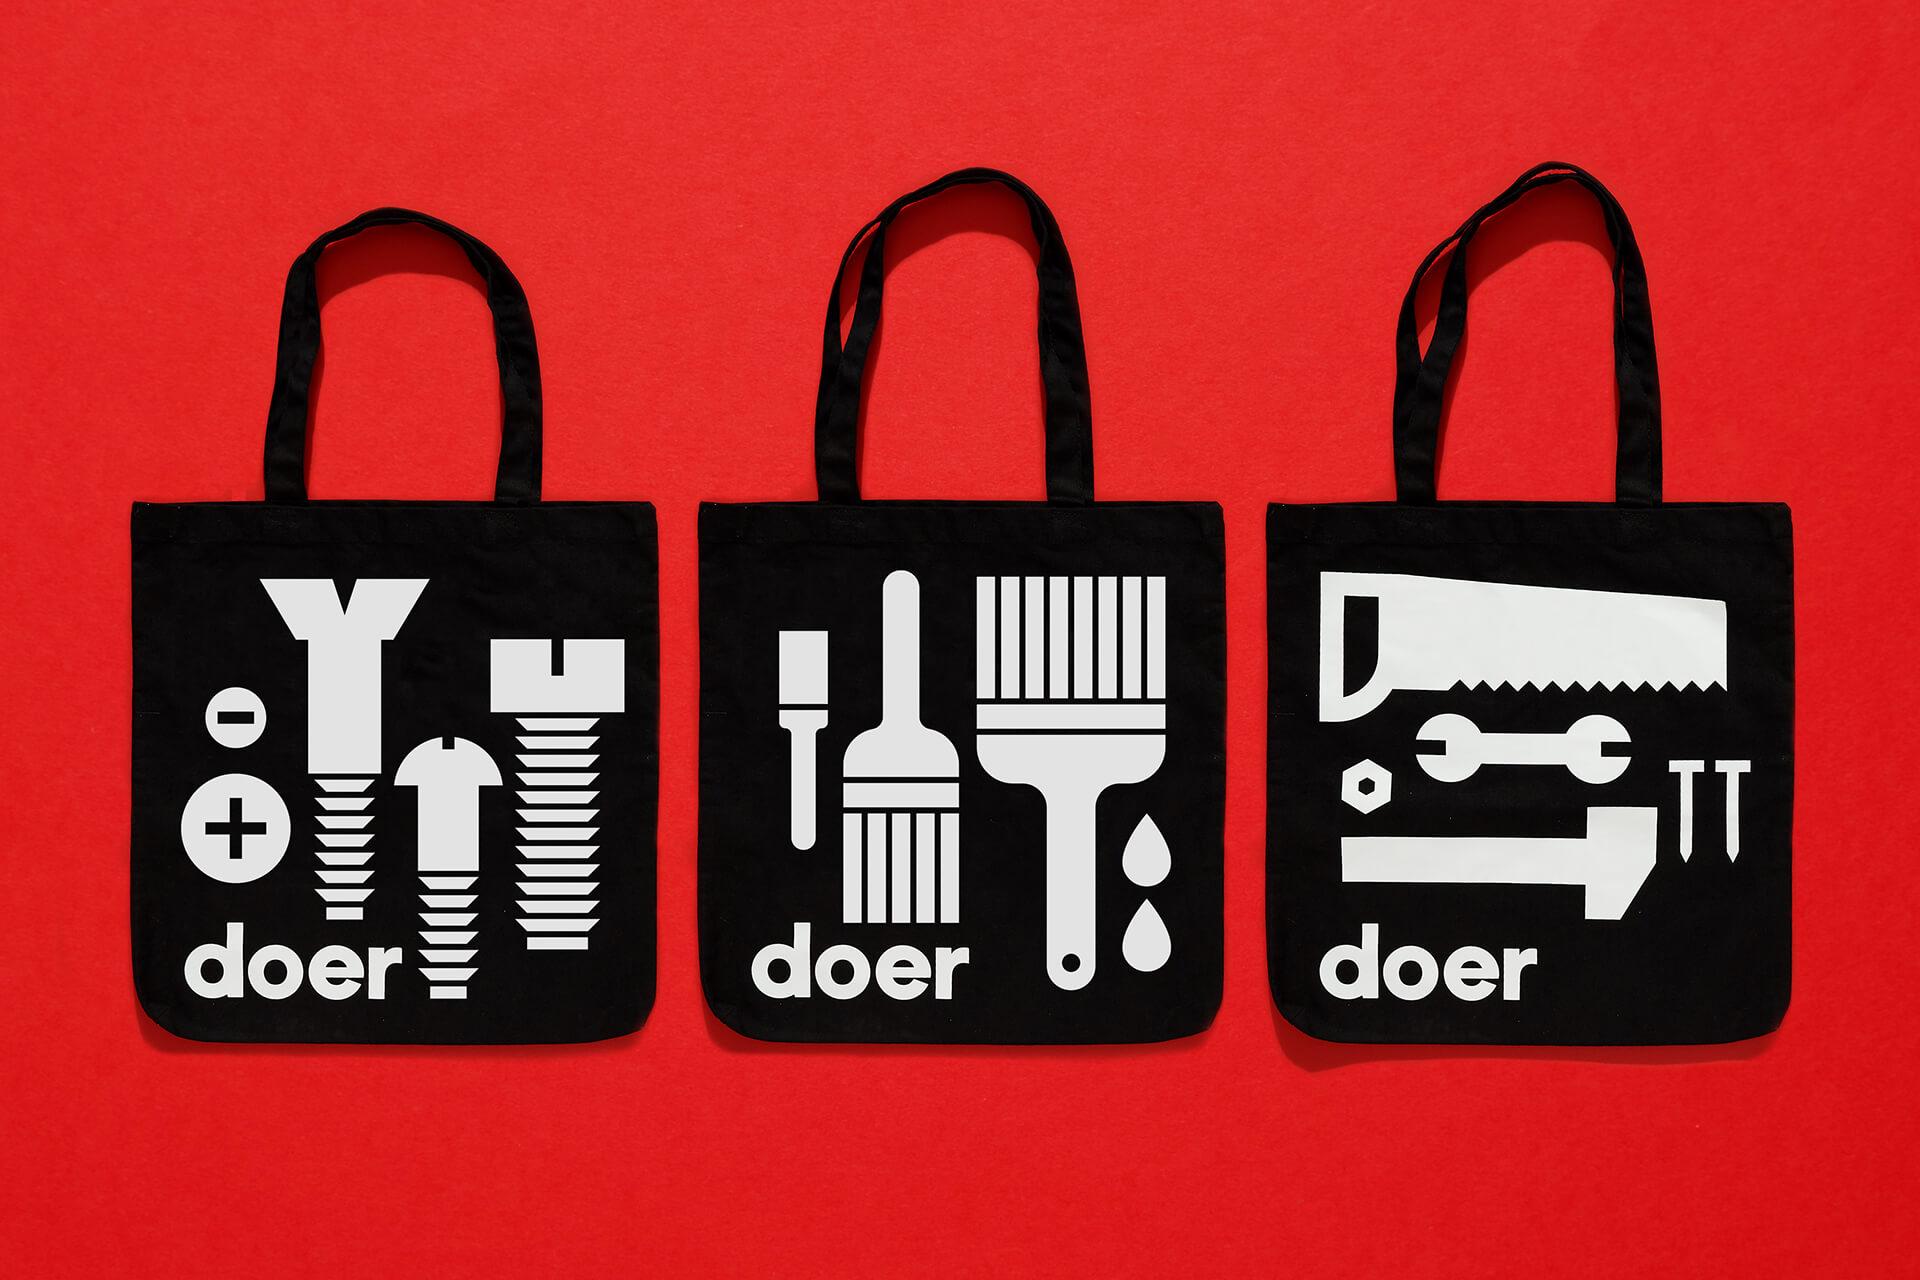 doer-branding-graphic-desing-11